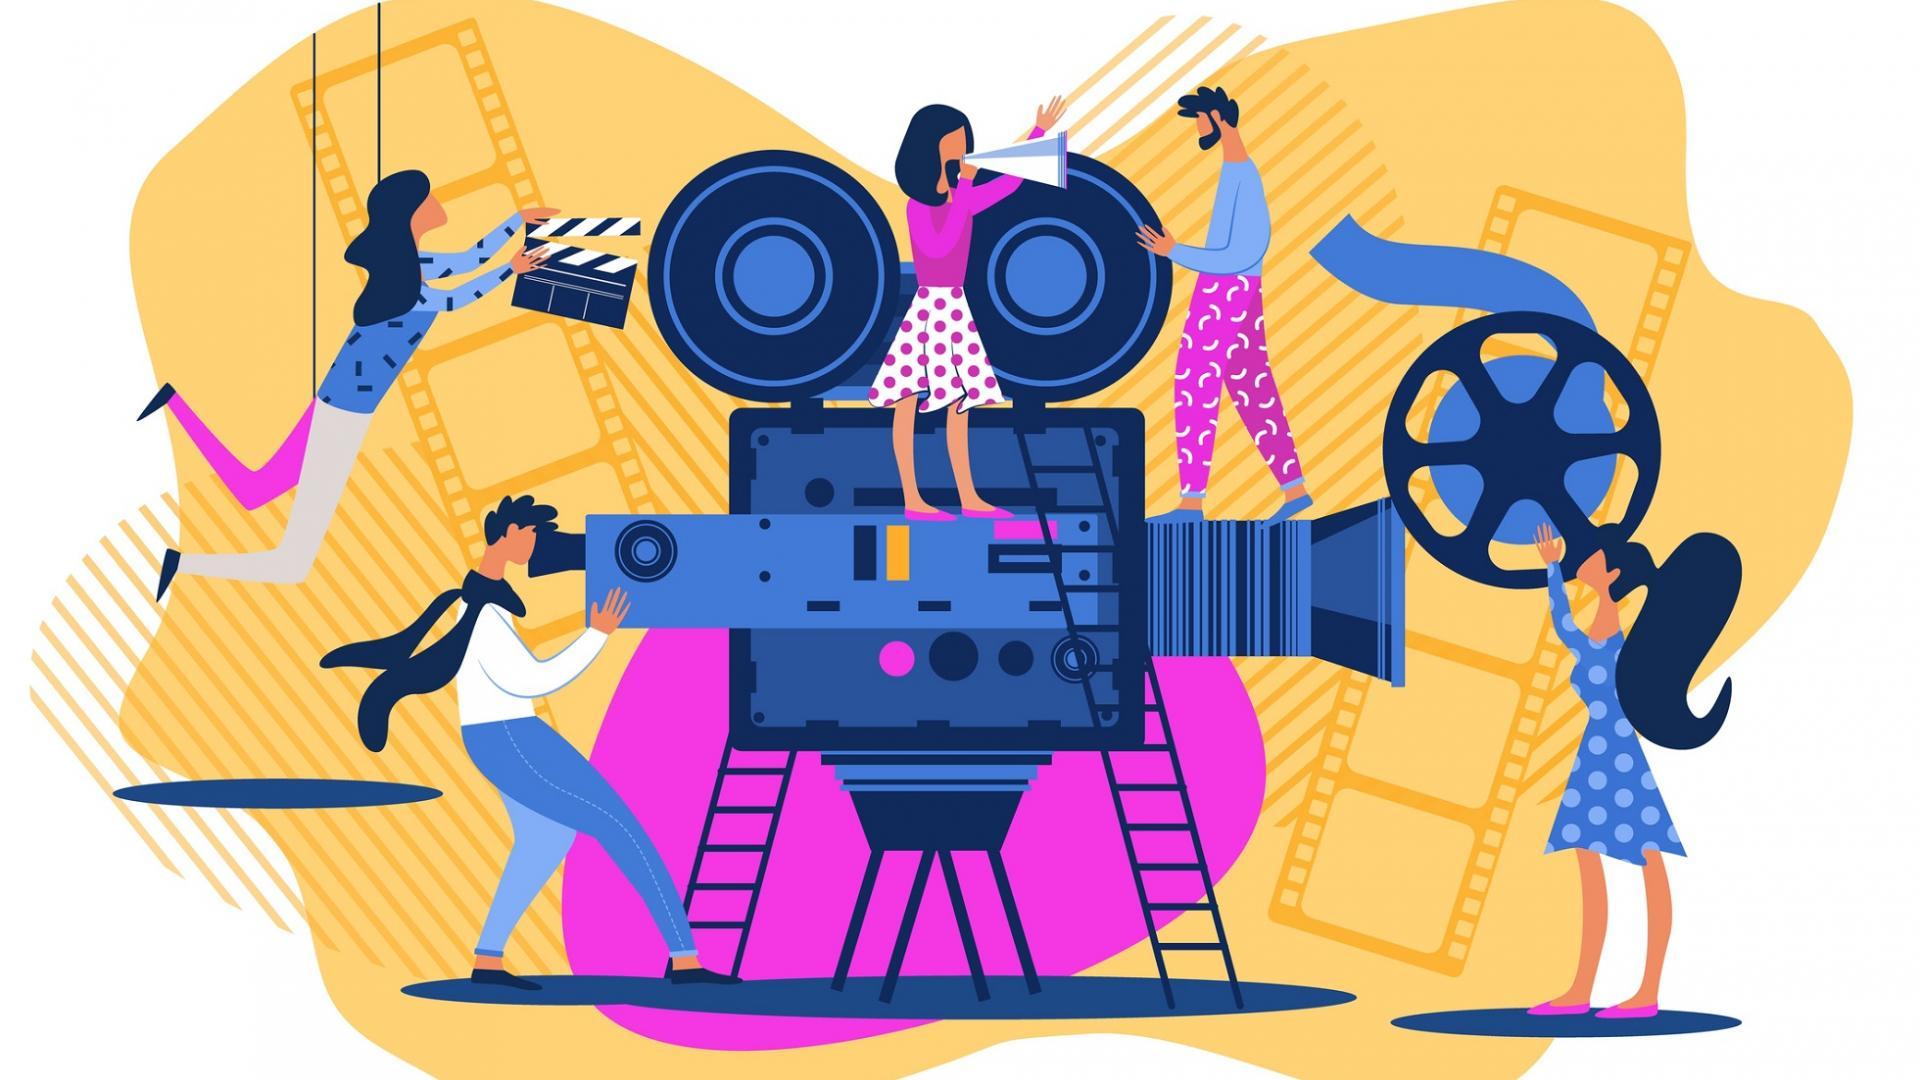 Cartoon mit Menschen, die an einem Filmset arbeiten